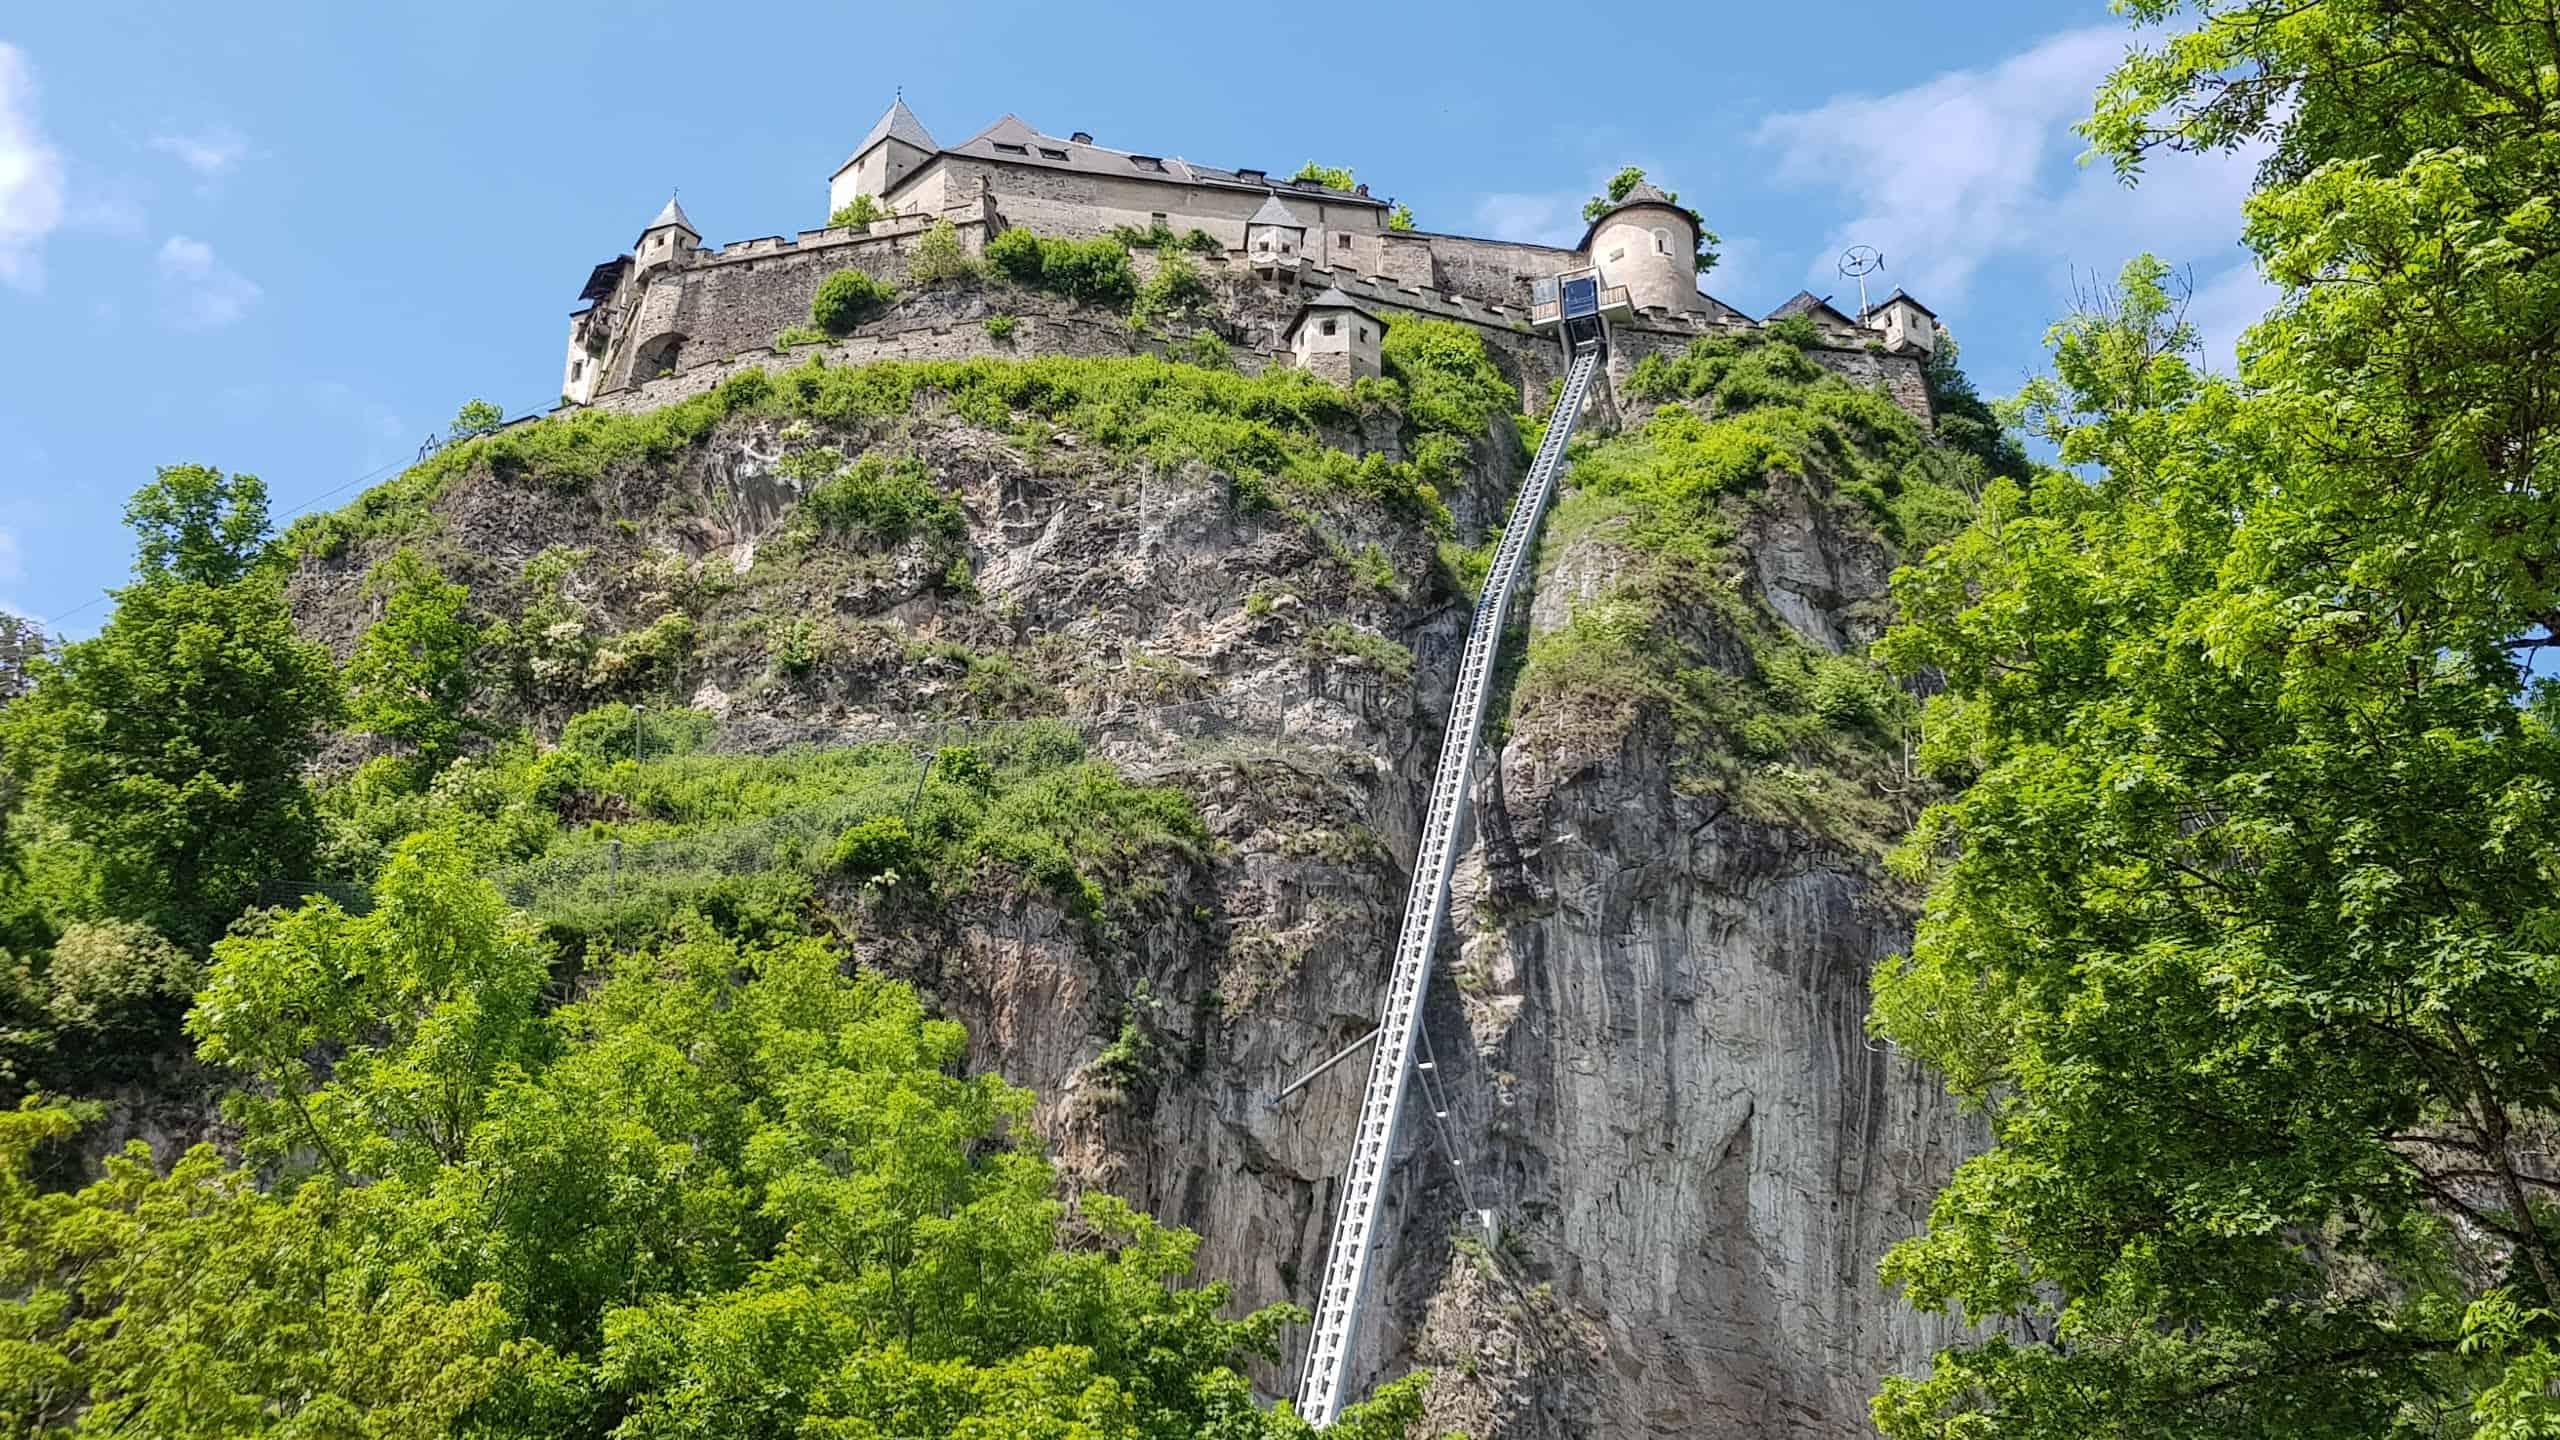 Barrierefreie Ausflugsziele in Kärnten: Burg Hochosterwitz, St. Georgen am Längsee, Nähe St. Veit. Bild der Burg mit Aufzug.